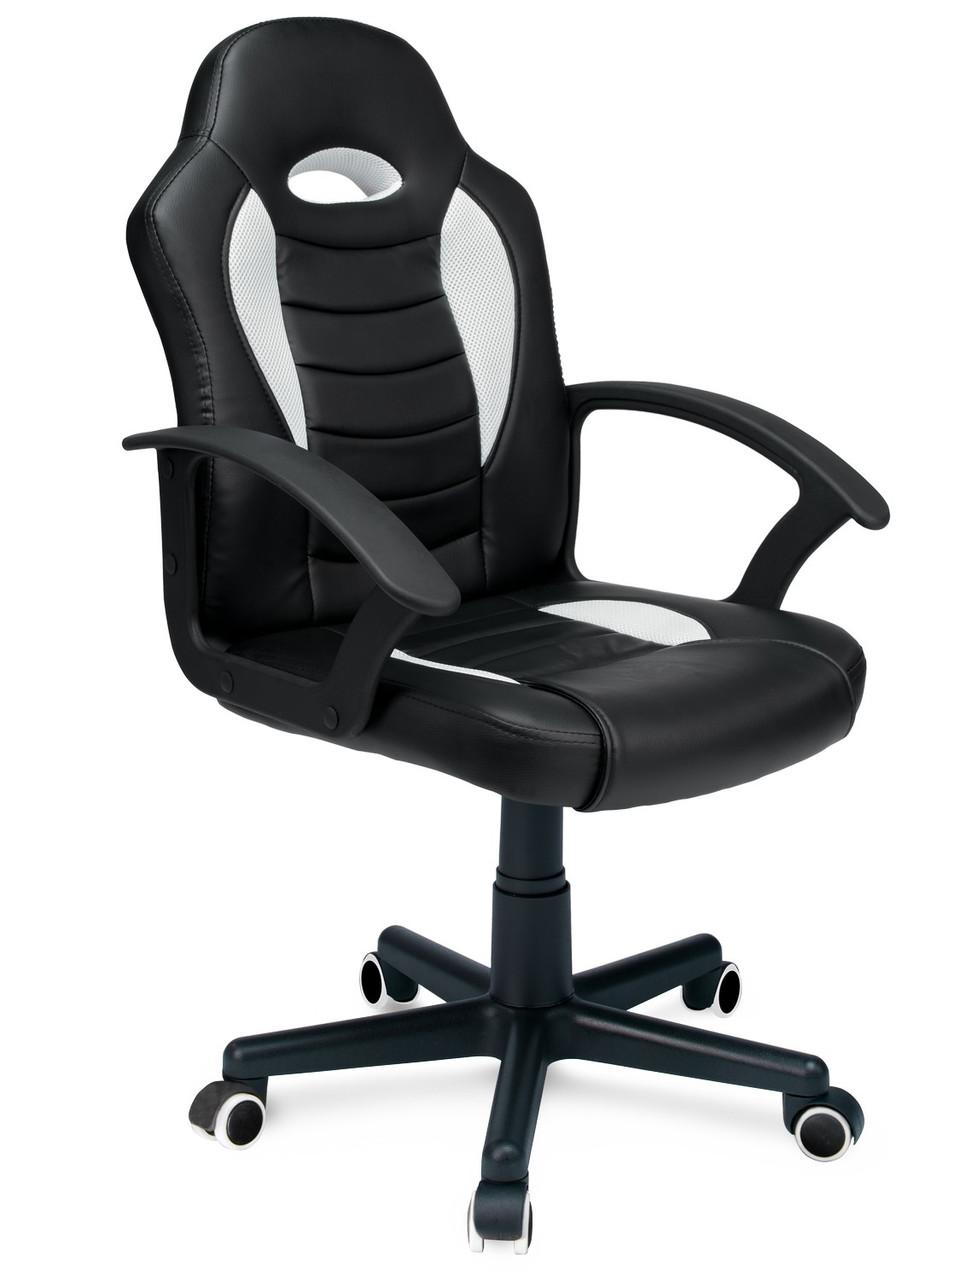 Игровой вращающееся кресло для игрока белый Sofotel Scorpion